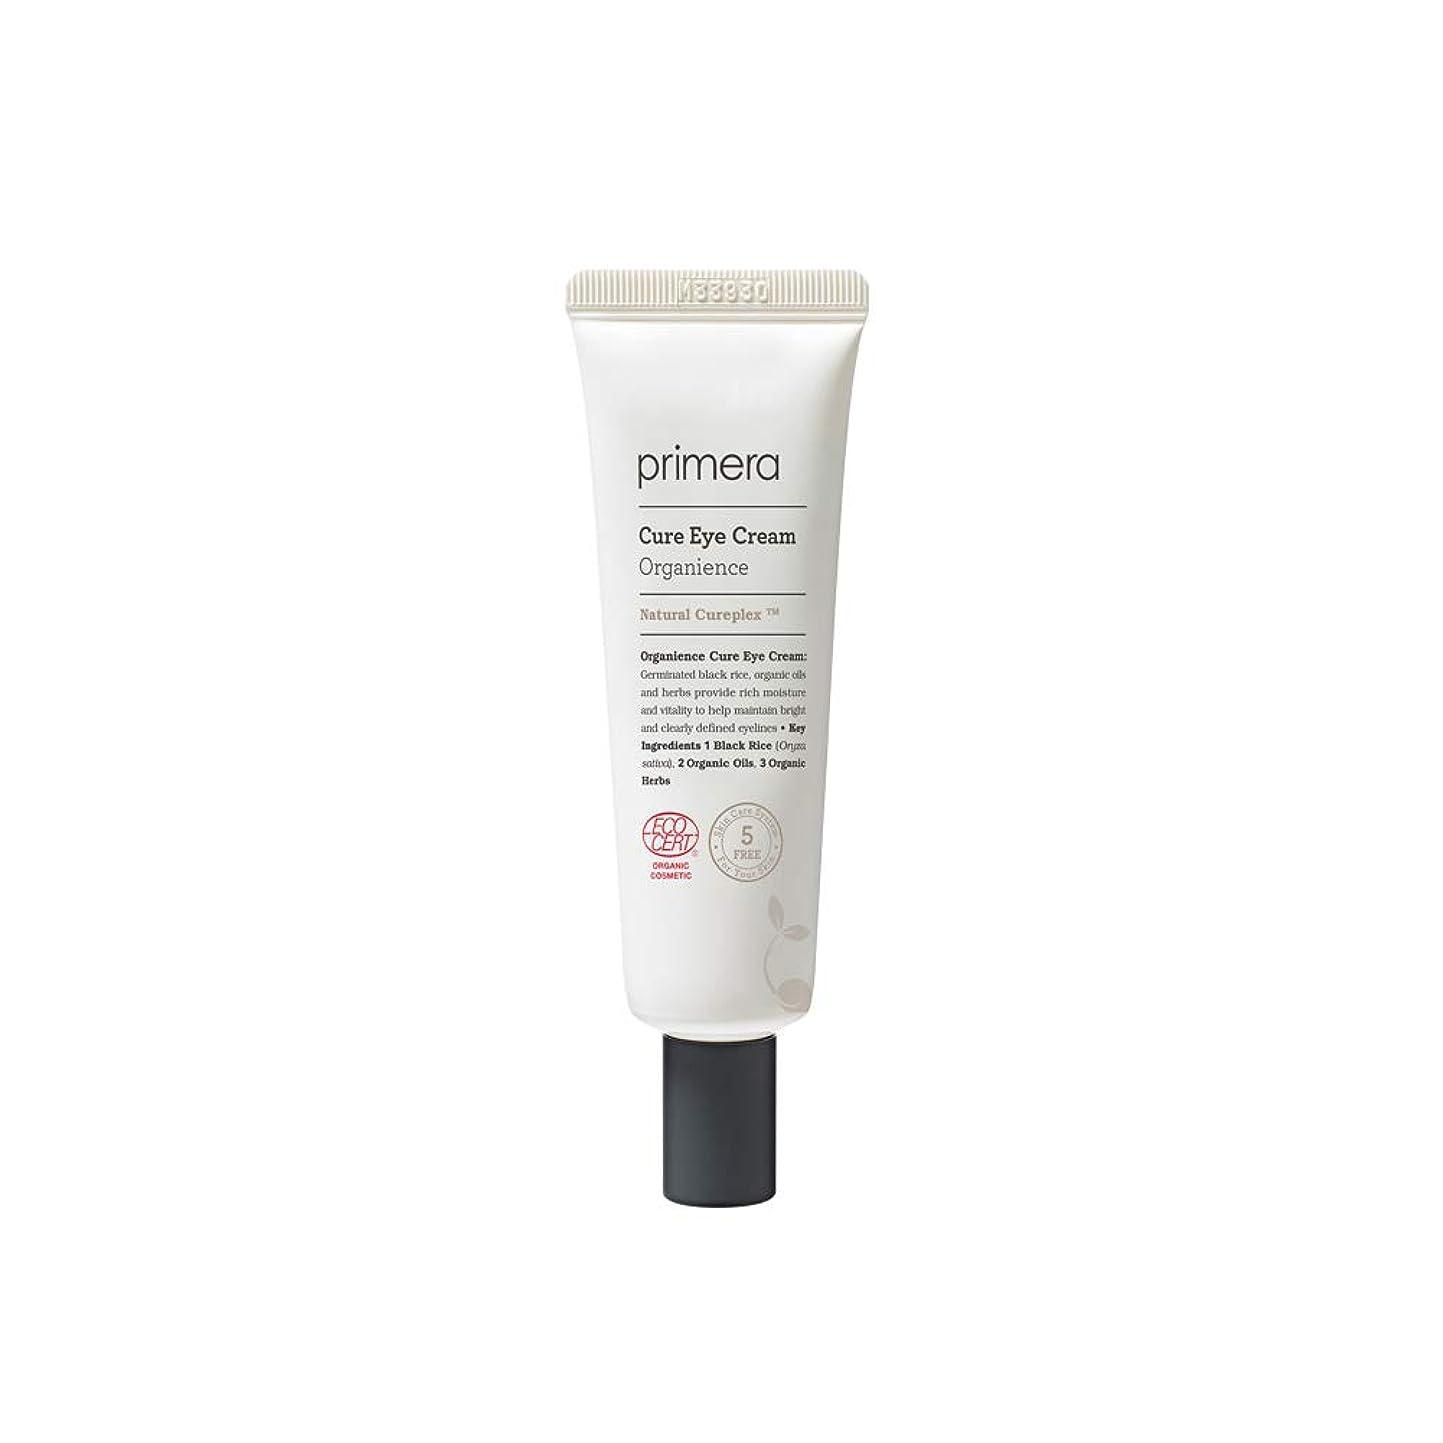 六分儀若者カート【primera公式】プリメラ スーパー スプラウト クリーム 50ml/primera Super Sprout Cream 50ml